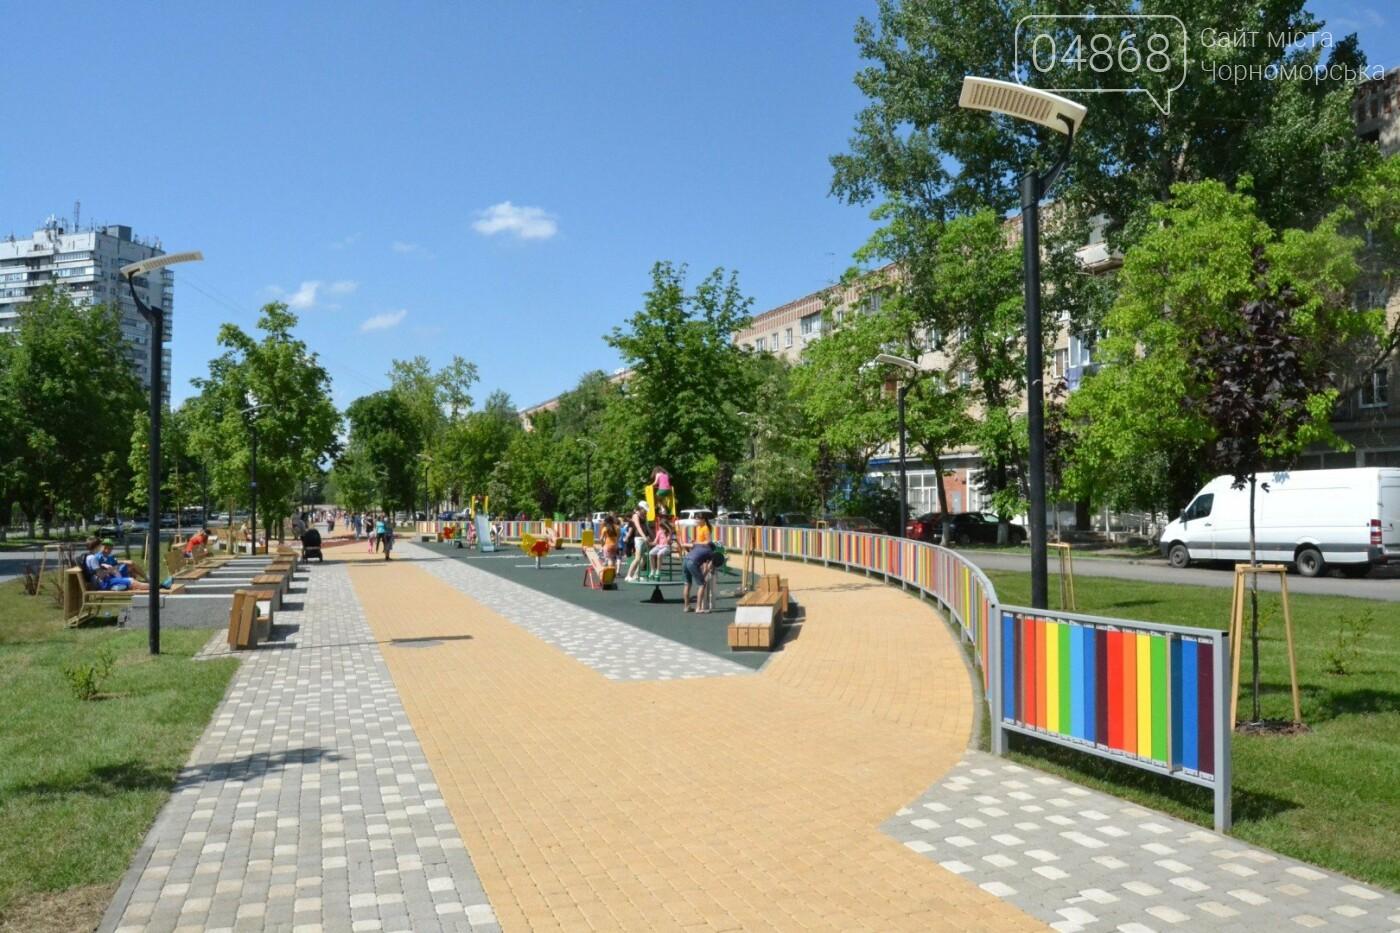 Общественный бюджет Черноморска: 10 проектов получили негативную оценку экспертов, фото-19